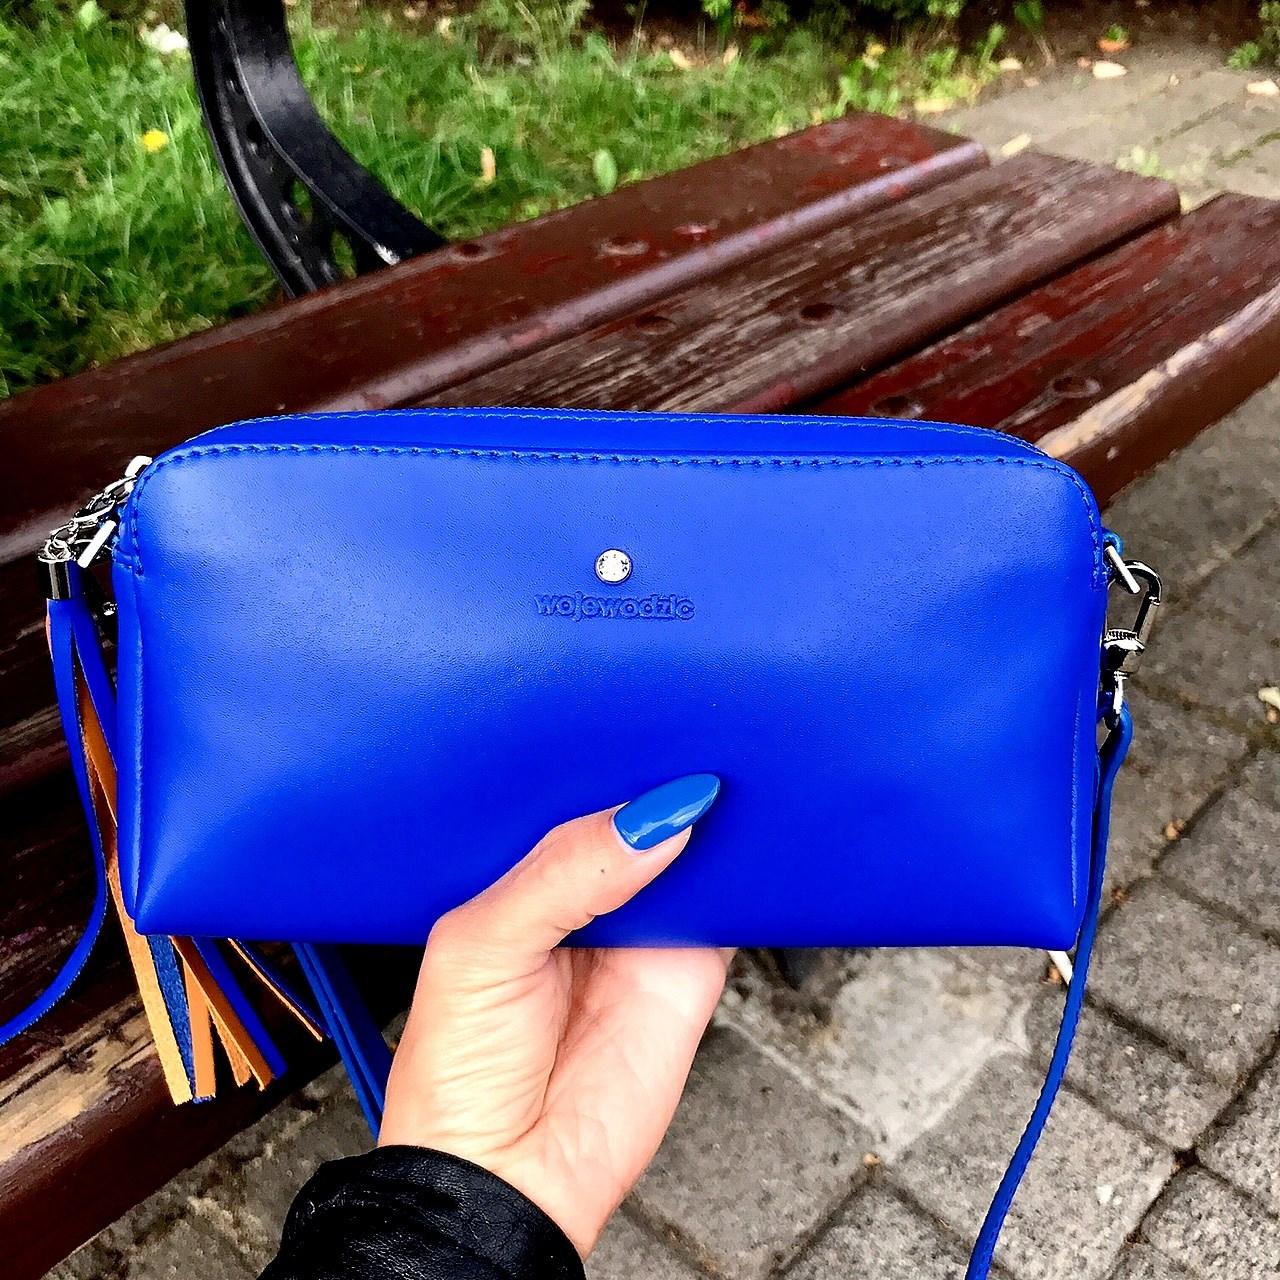 Wojewodzic mała niebieska torebka, wojewodzic torebki blog